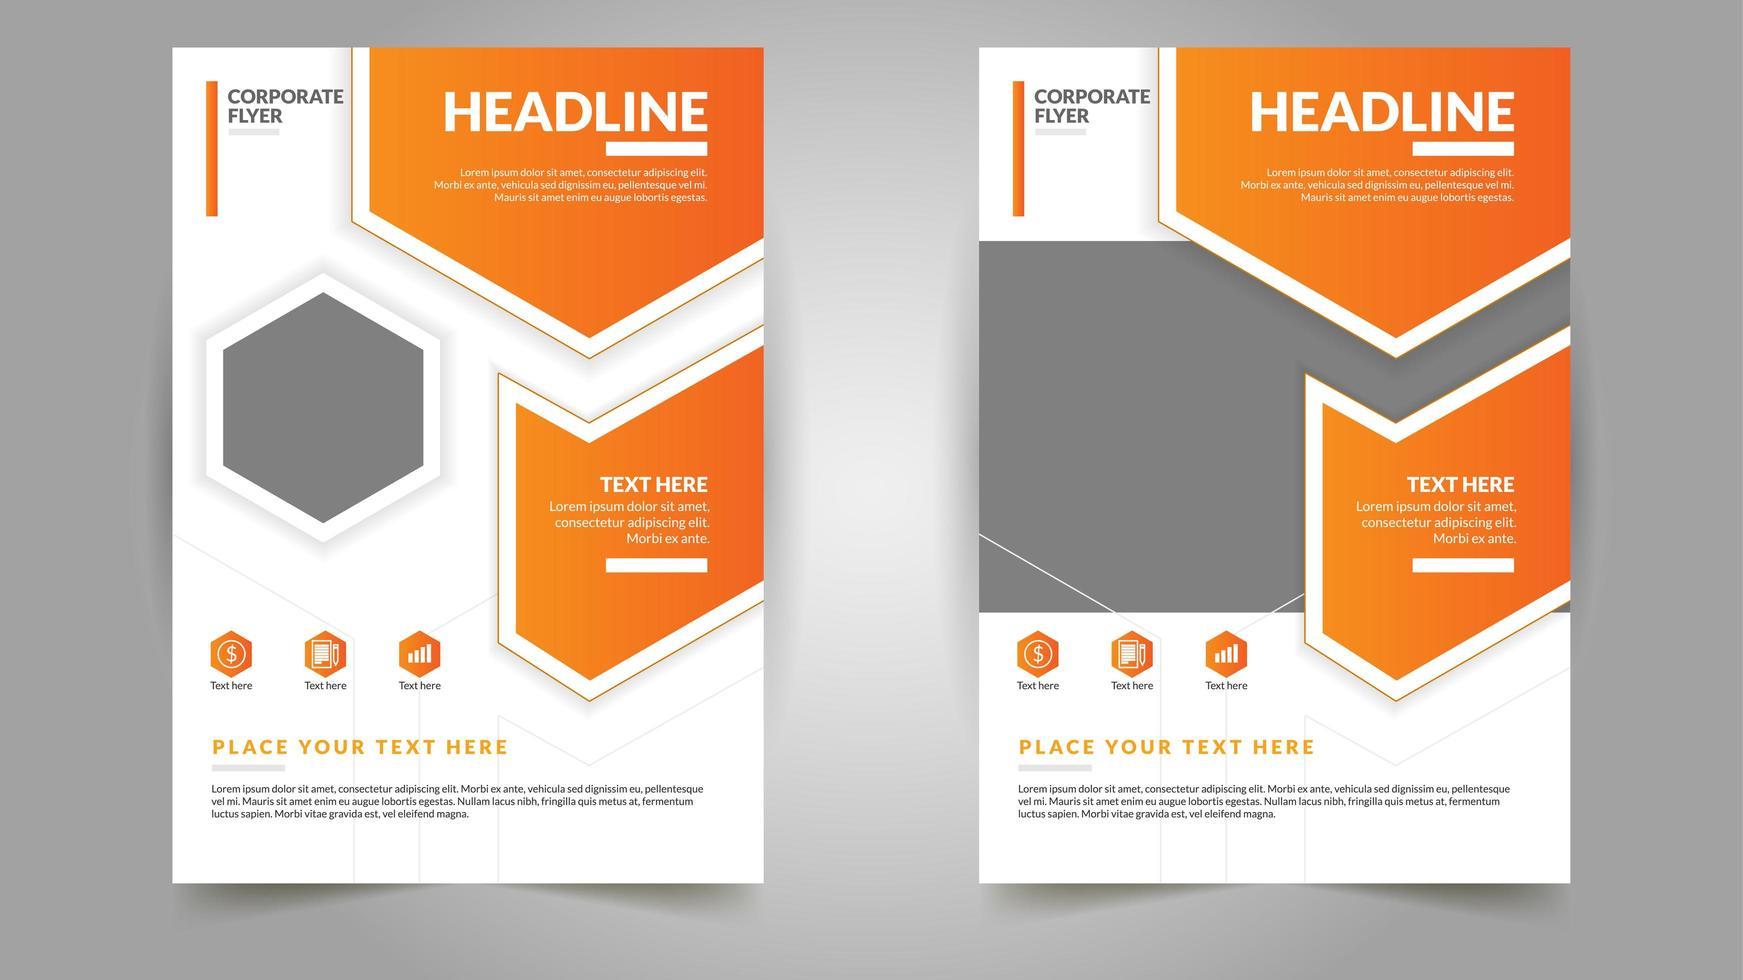 professionelle Flyer-Vorlagen mit orange geometrischer Form vektor